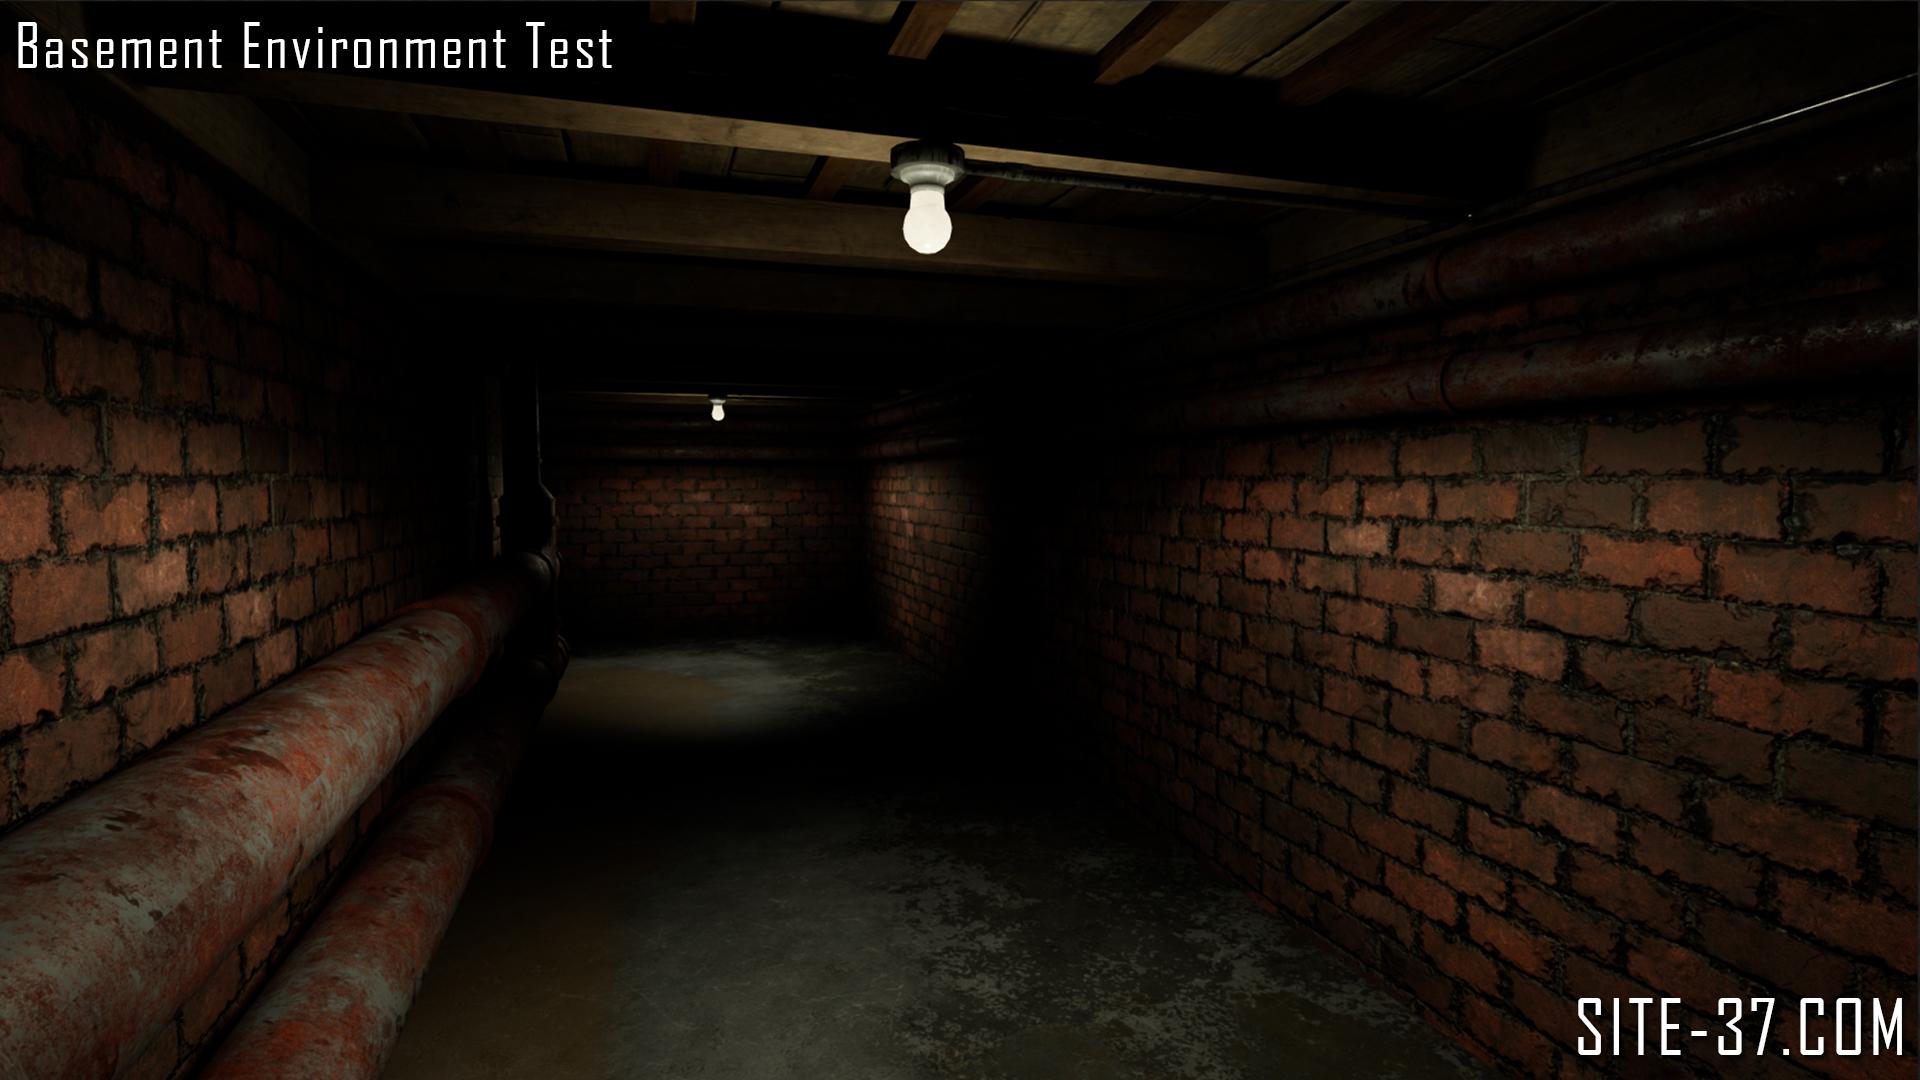 basementenvtest_003.jpg